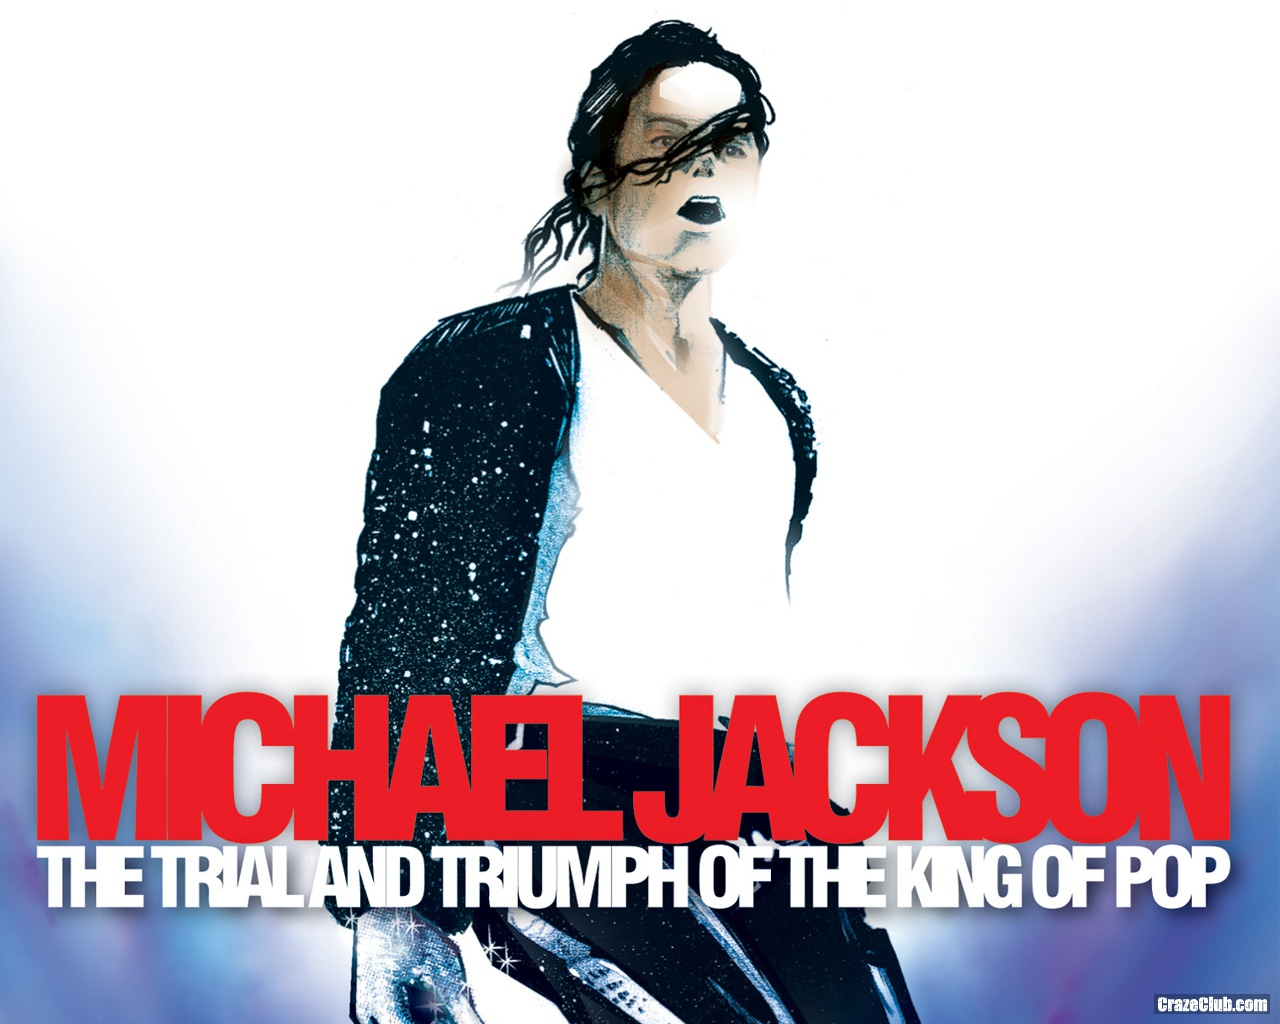 http://1.bp.blogspot.com/_c72kc4JbsgY/TOFCgkTsUFI/AAAAAAAAELo/l6HL4YkGWHY/s1600/Michael+Jackson+Wallpaper+%25282%2529.jpg